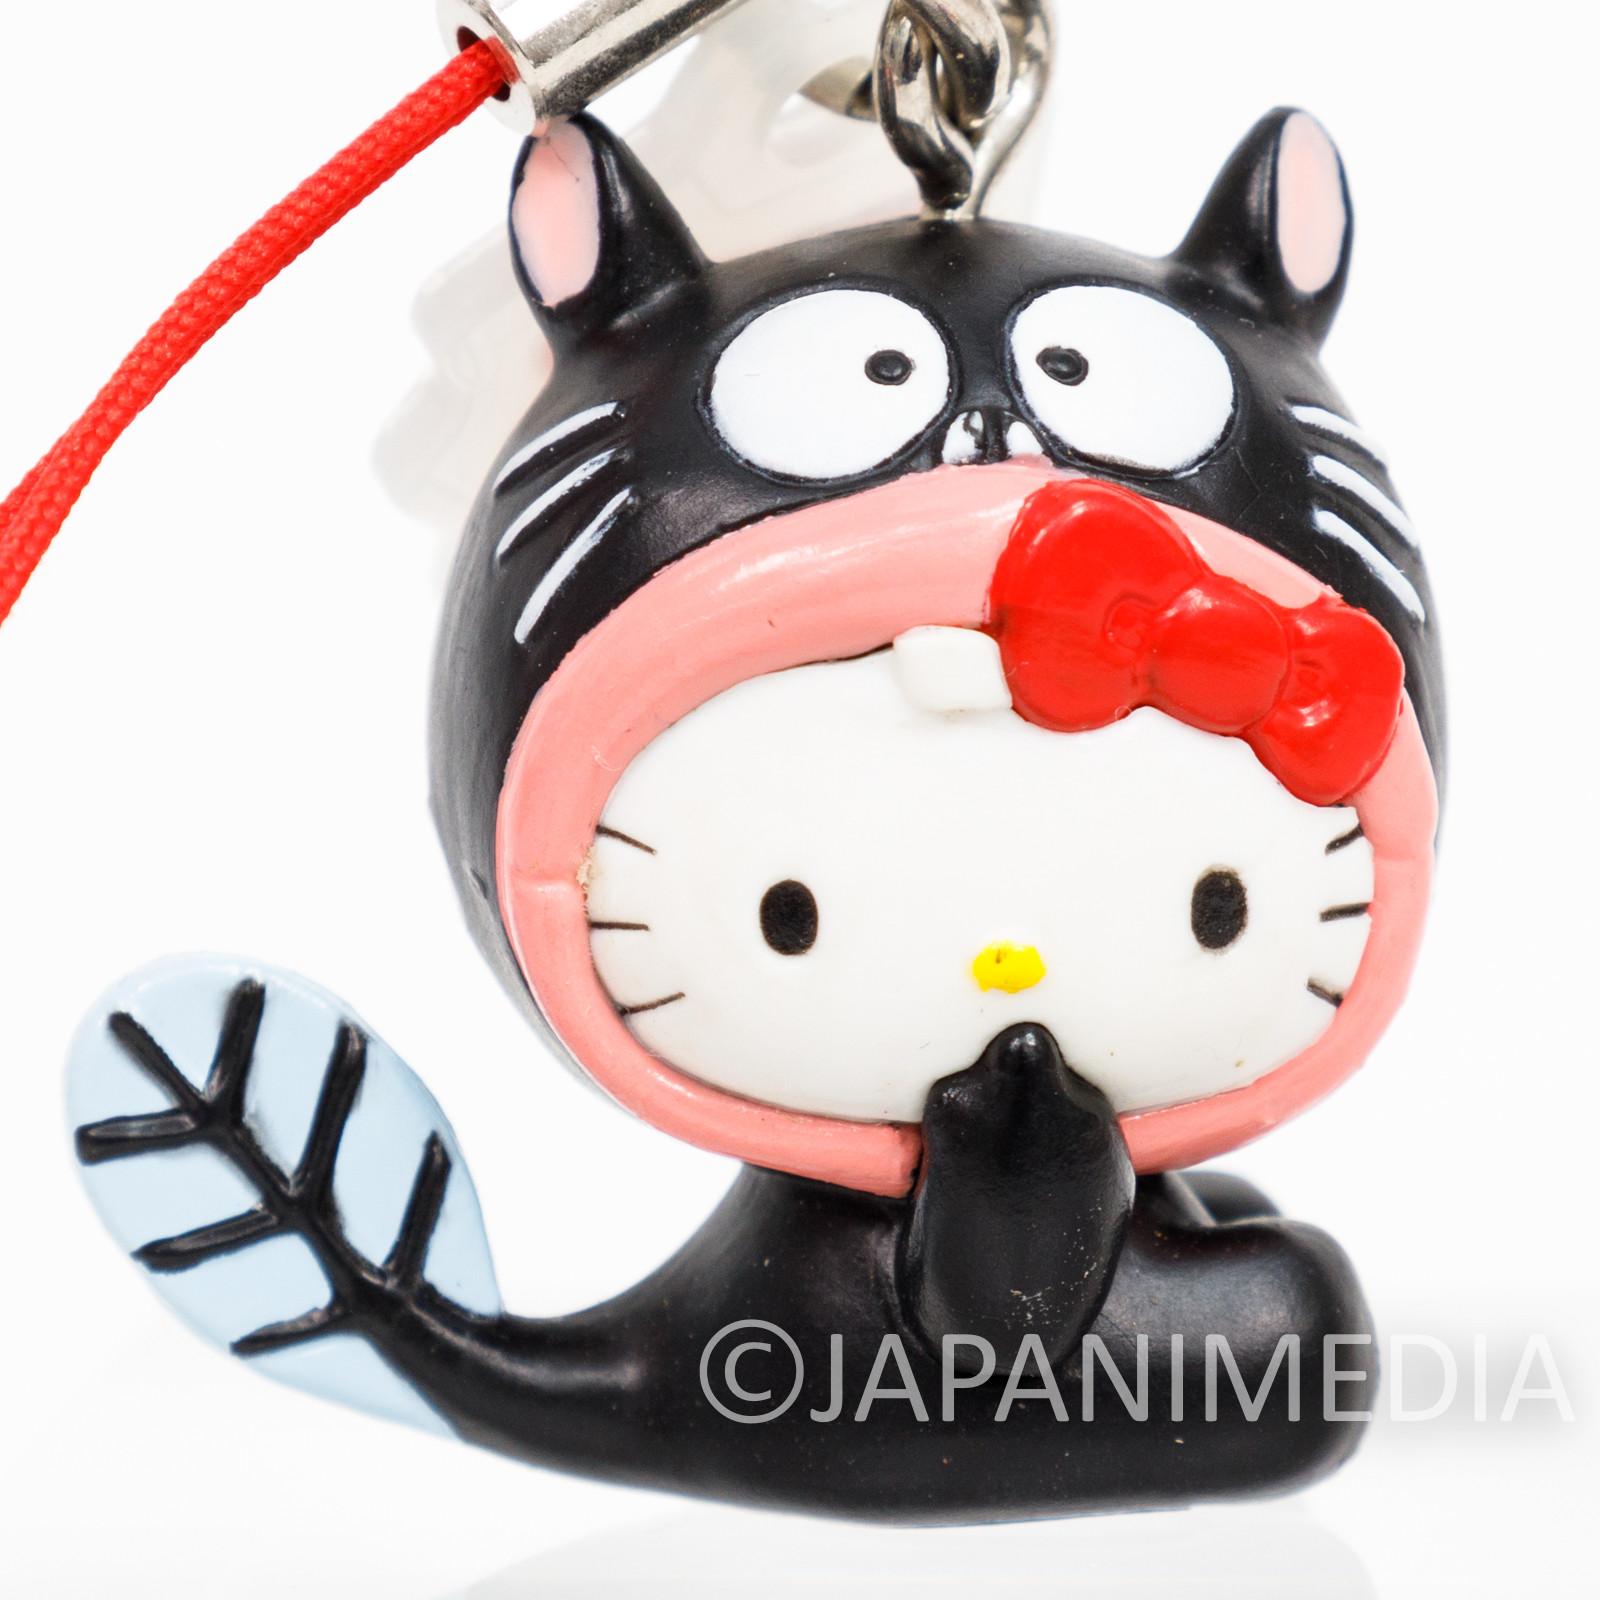 RARE! Tensai Bakabon Unagi Inu x Hello Kitty Figure Strap Fujio Akatsuka